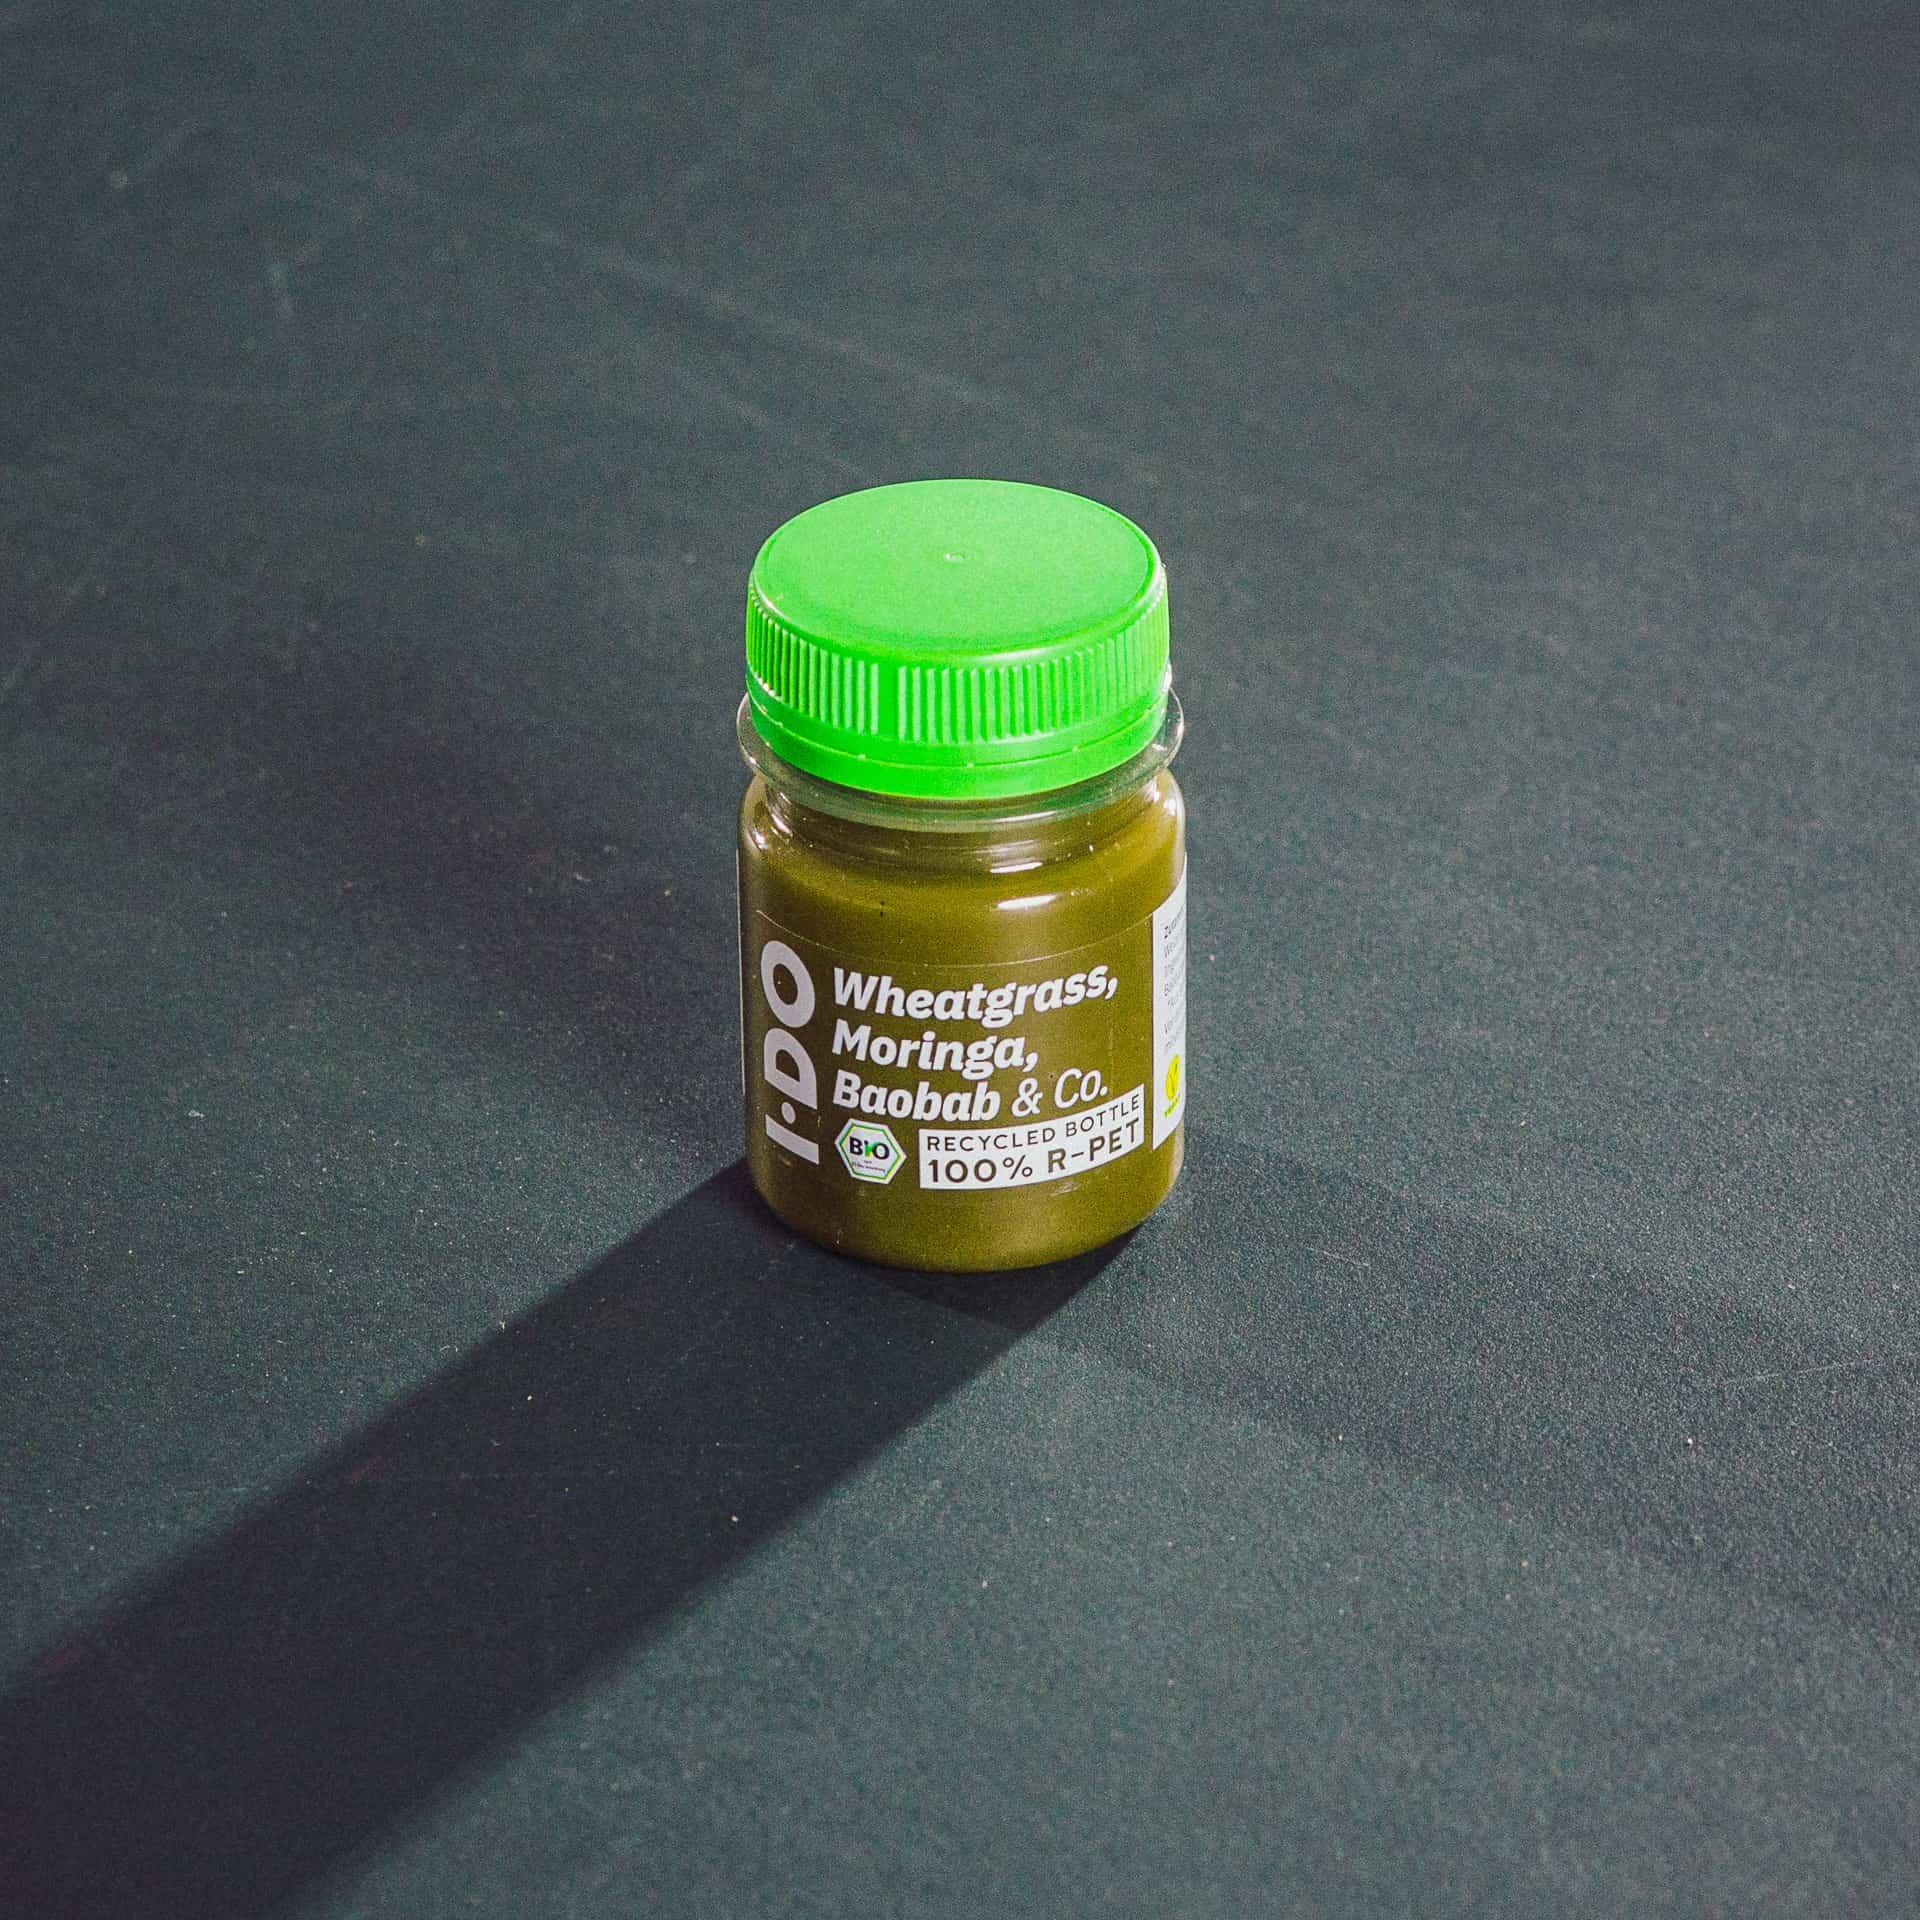 I·DO Ingwer Shot mit Weizengrassaft, Moringa, Baobab & Co.